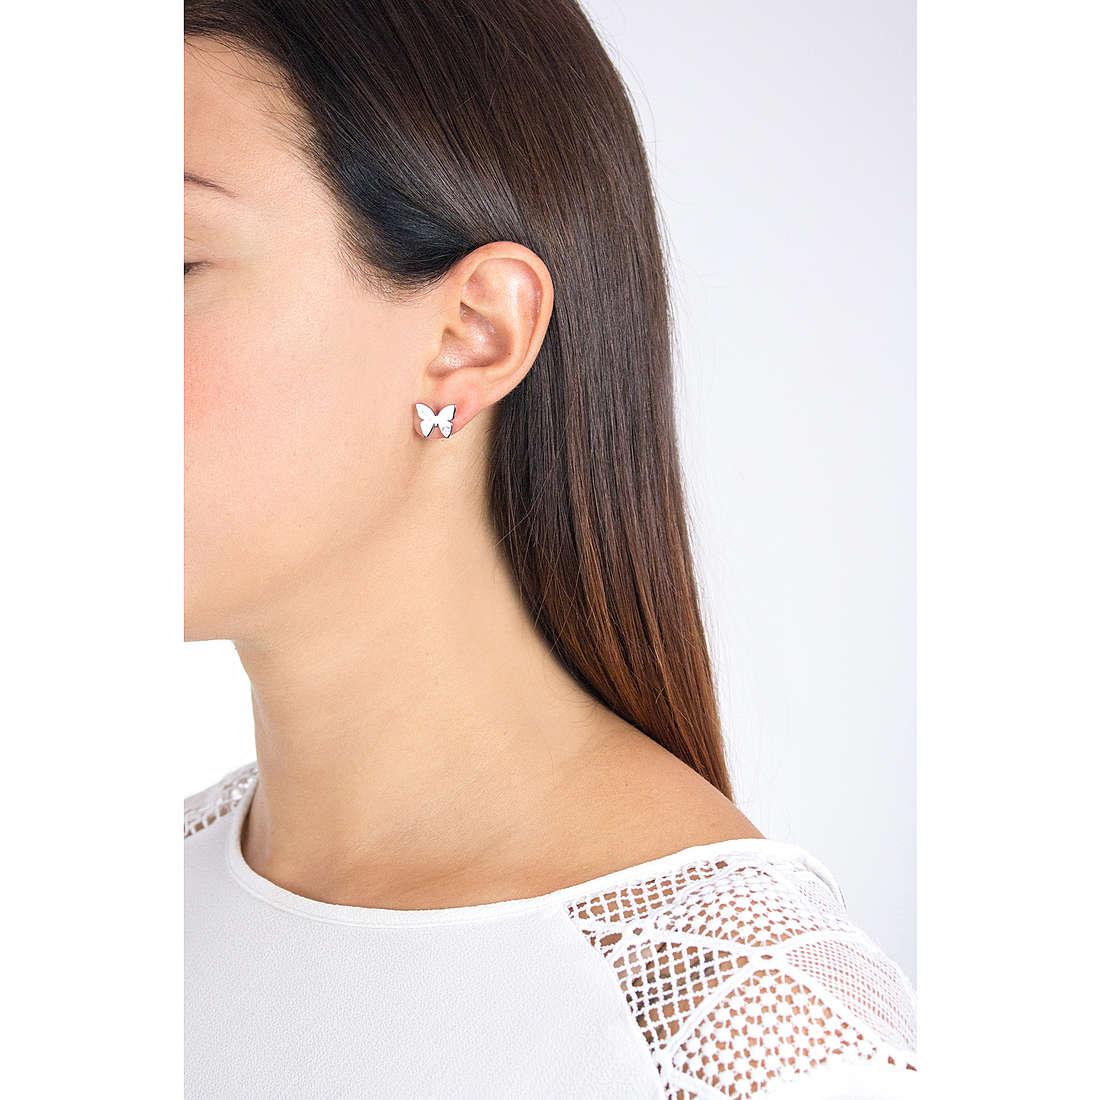 Nomination orecchini Butterfly donna 021308/002 indosso